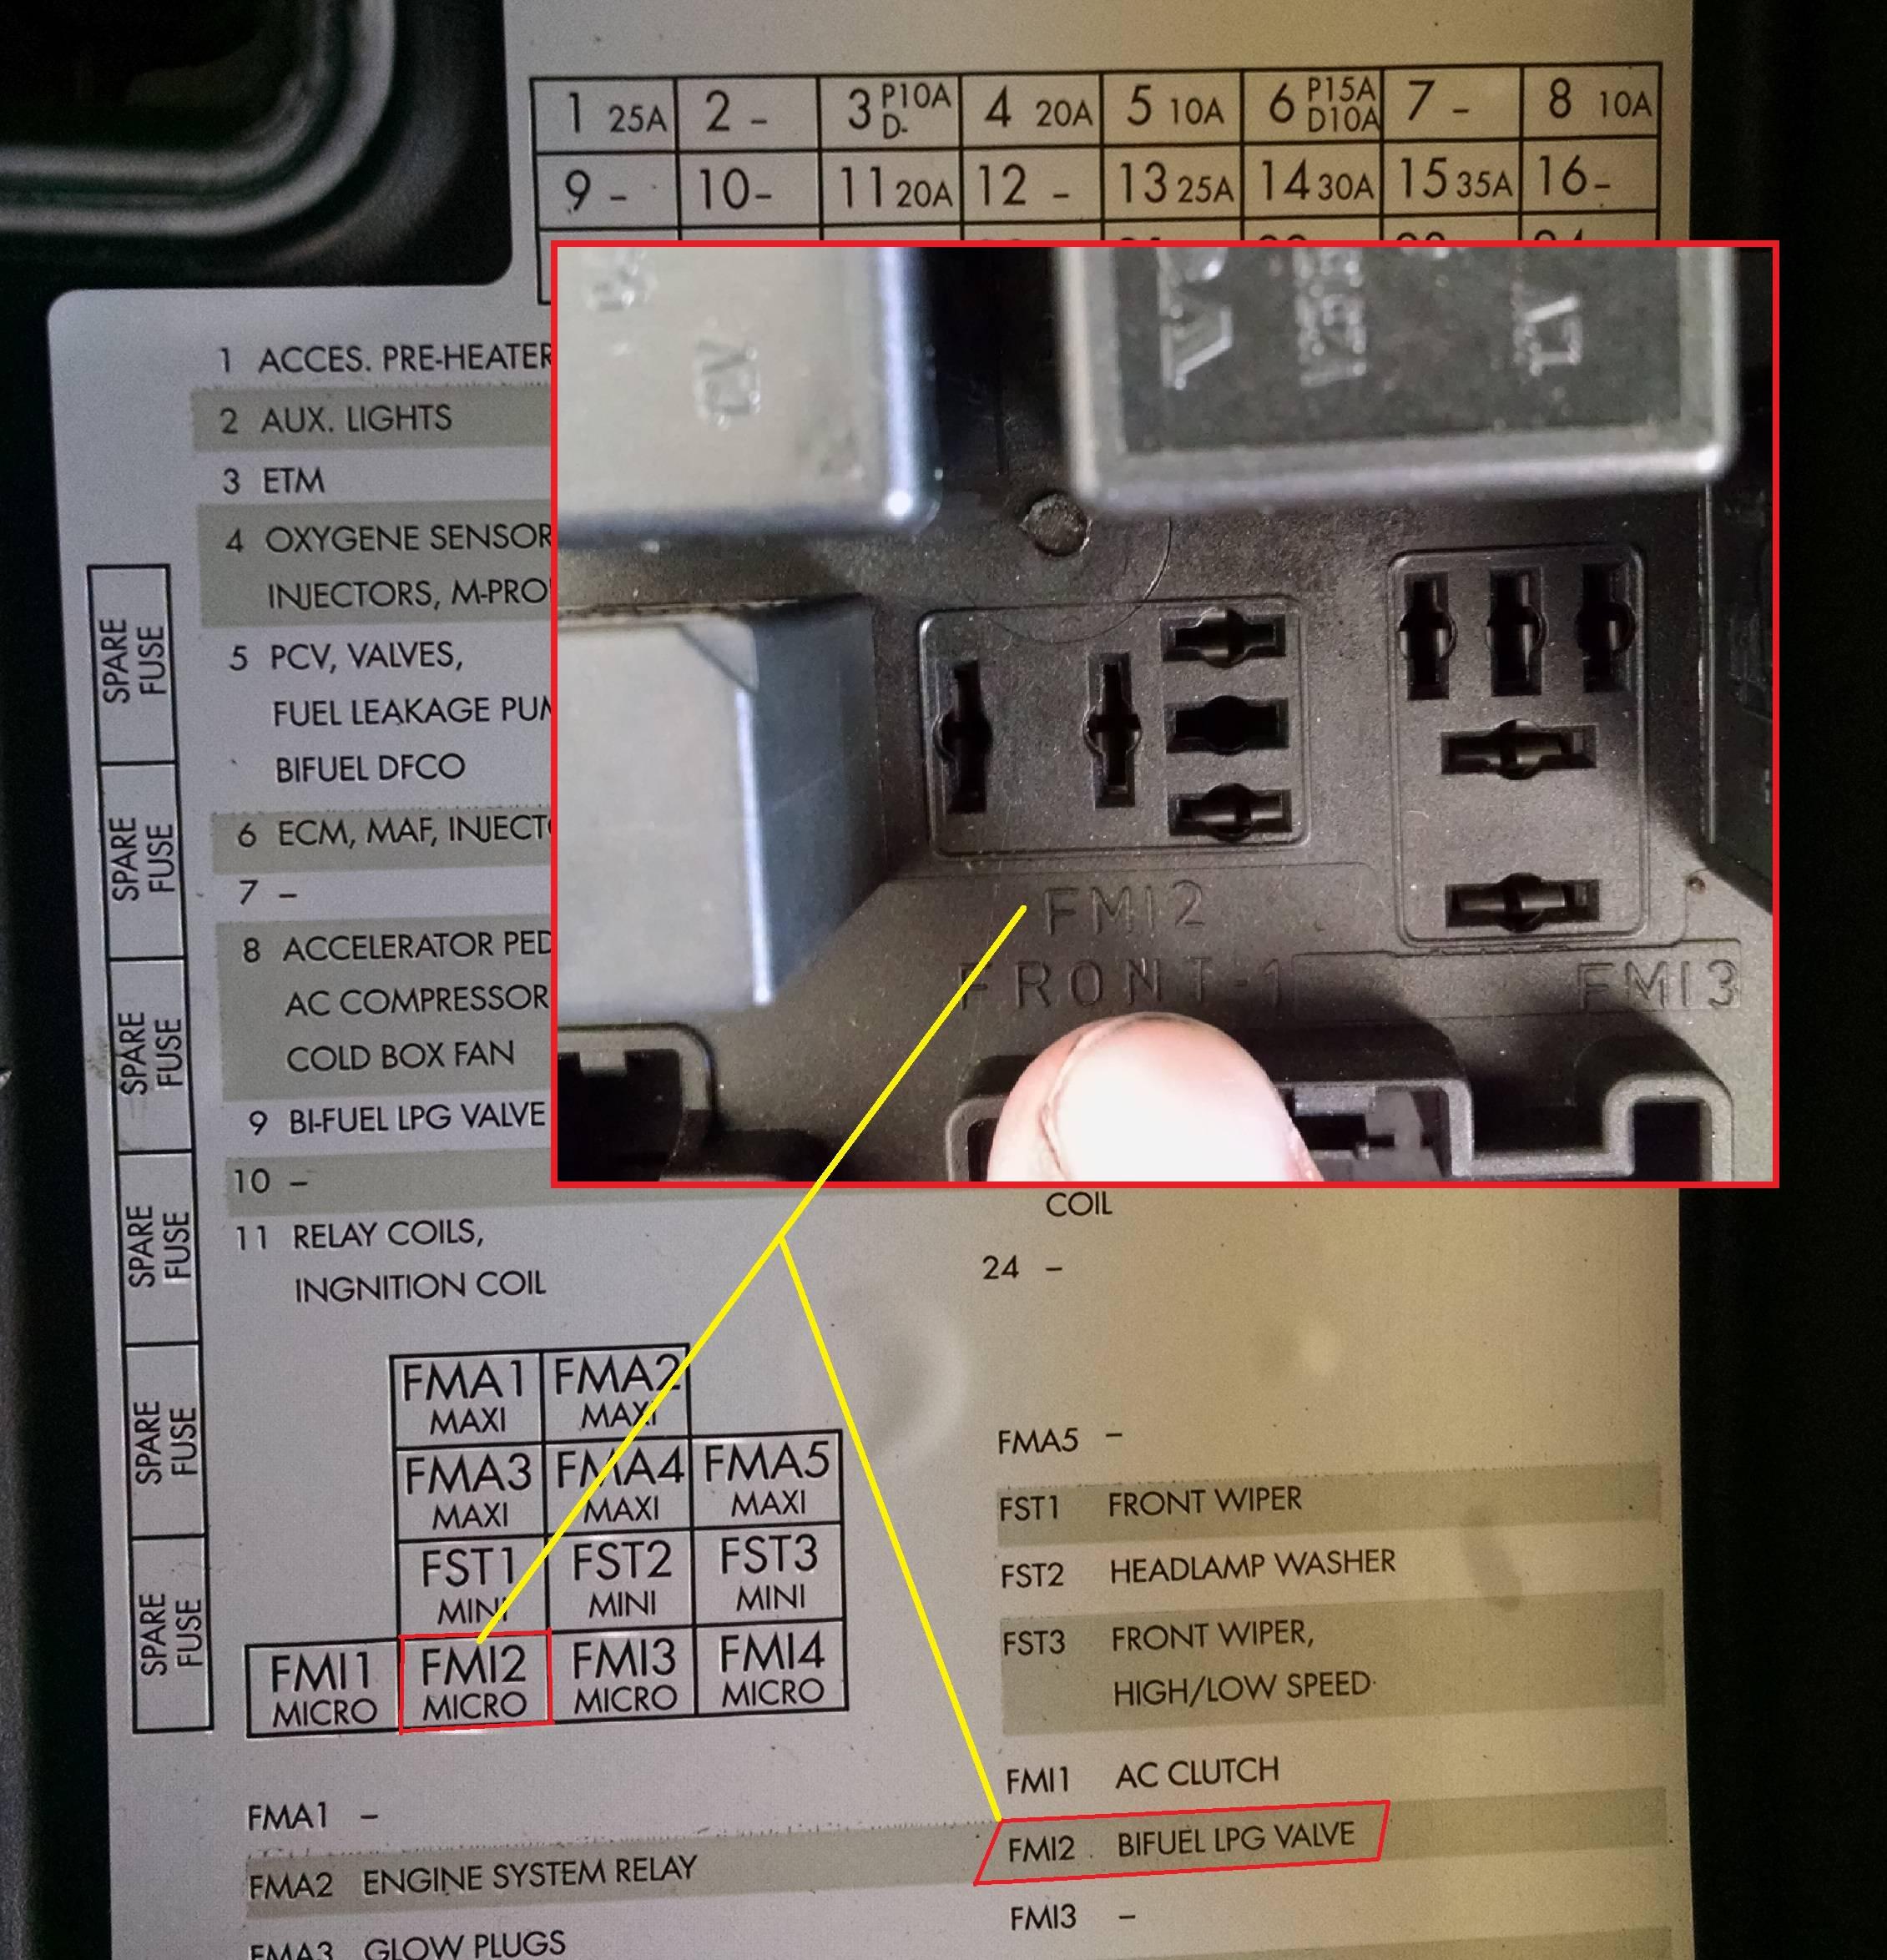 vw golf mk5 abs wiring diagram keystone trailer 1 4 fuse box library